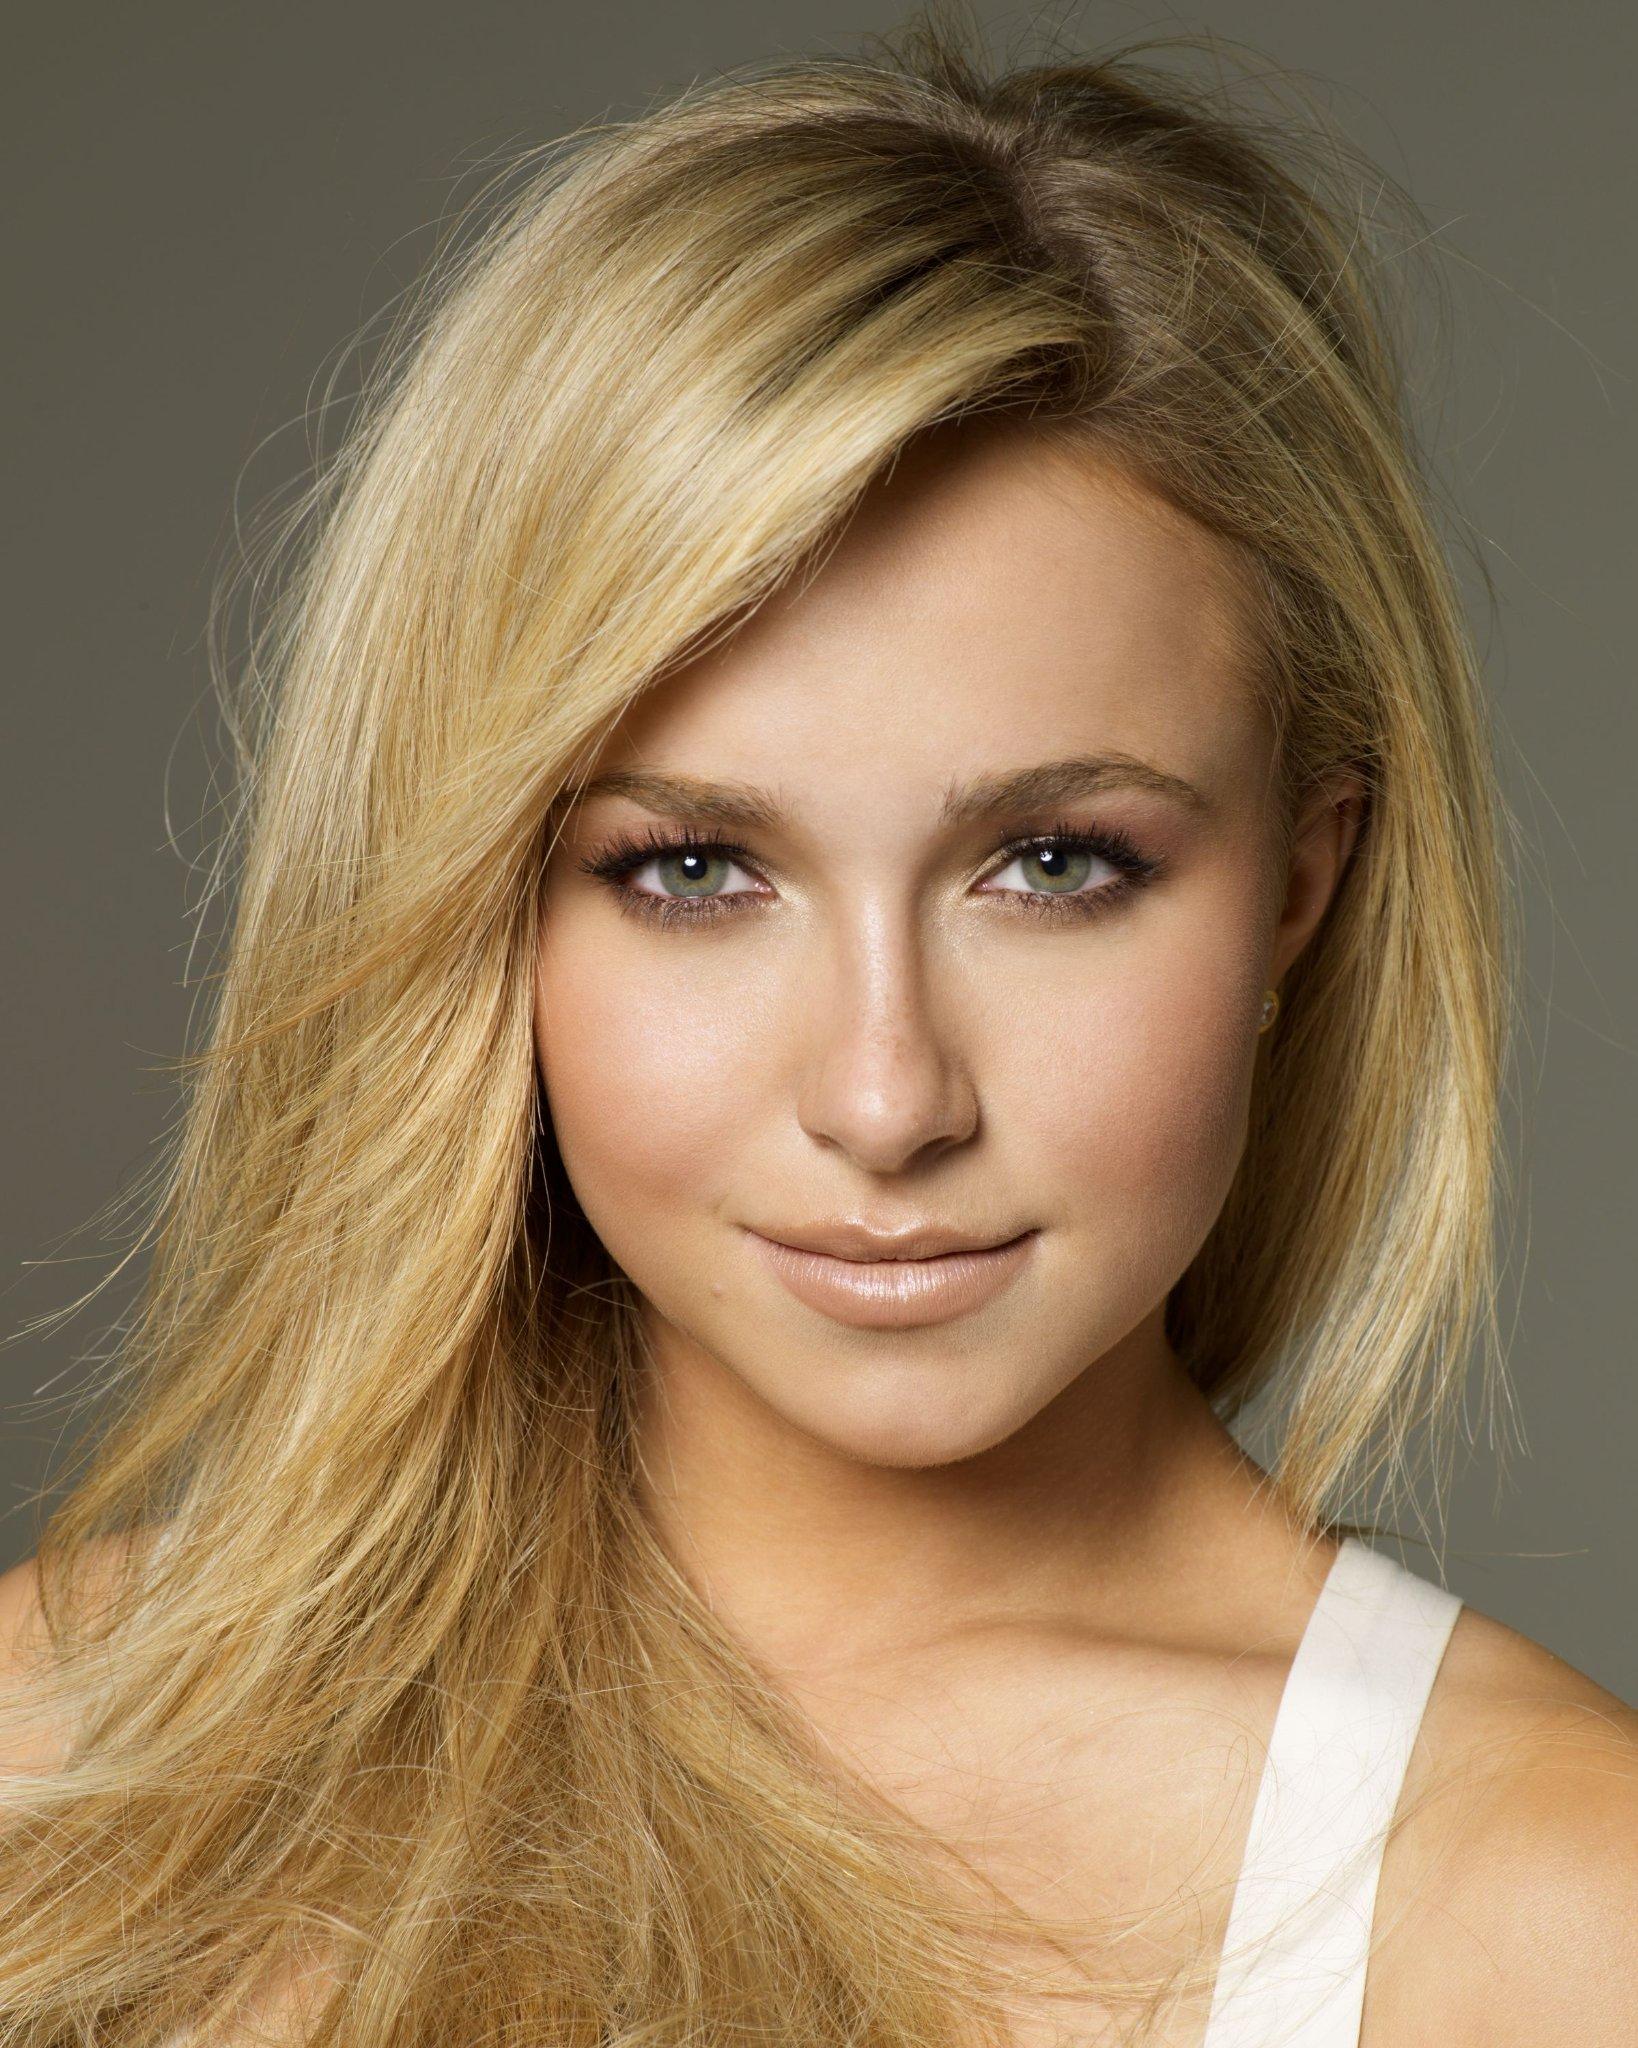 Повседневный макияж для кареглазых блондинок фото